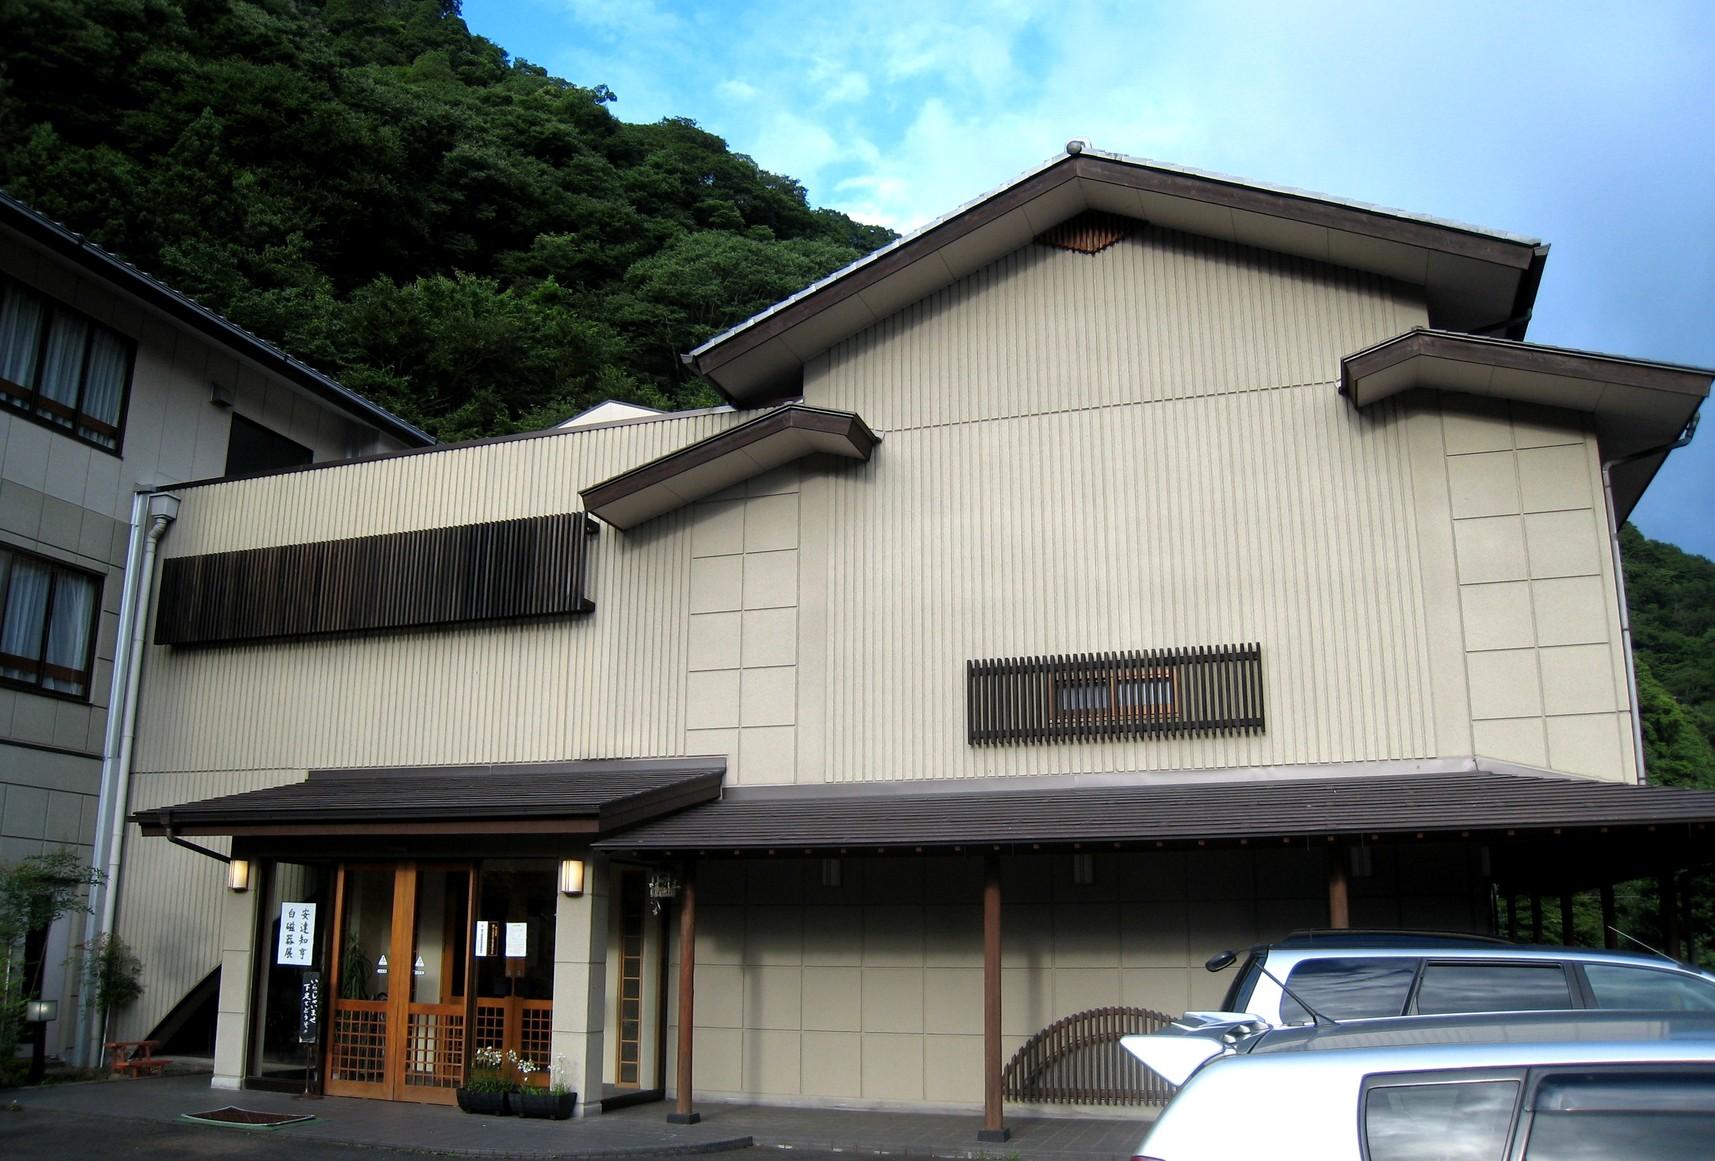 悠久の宿 滝美館